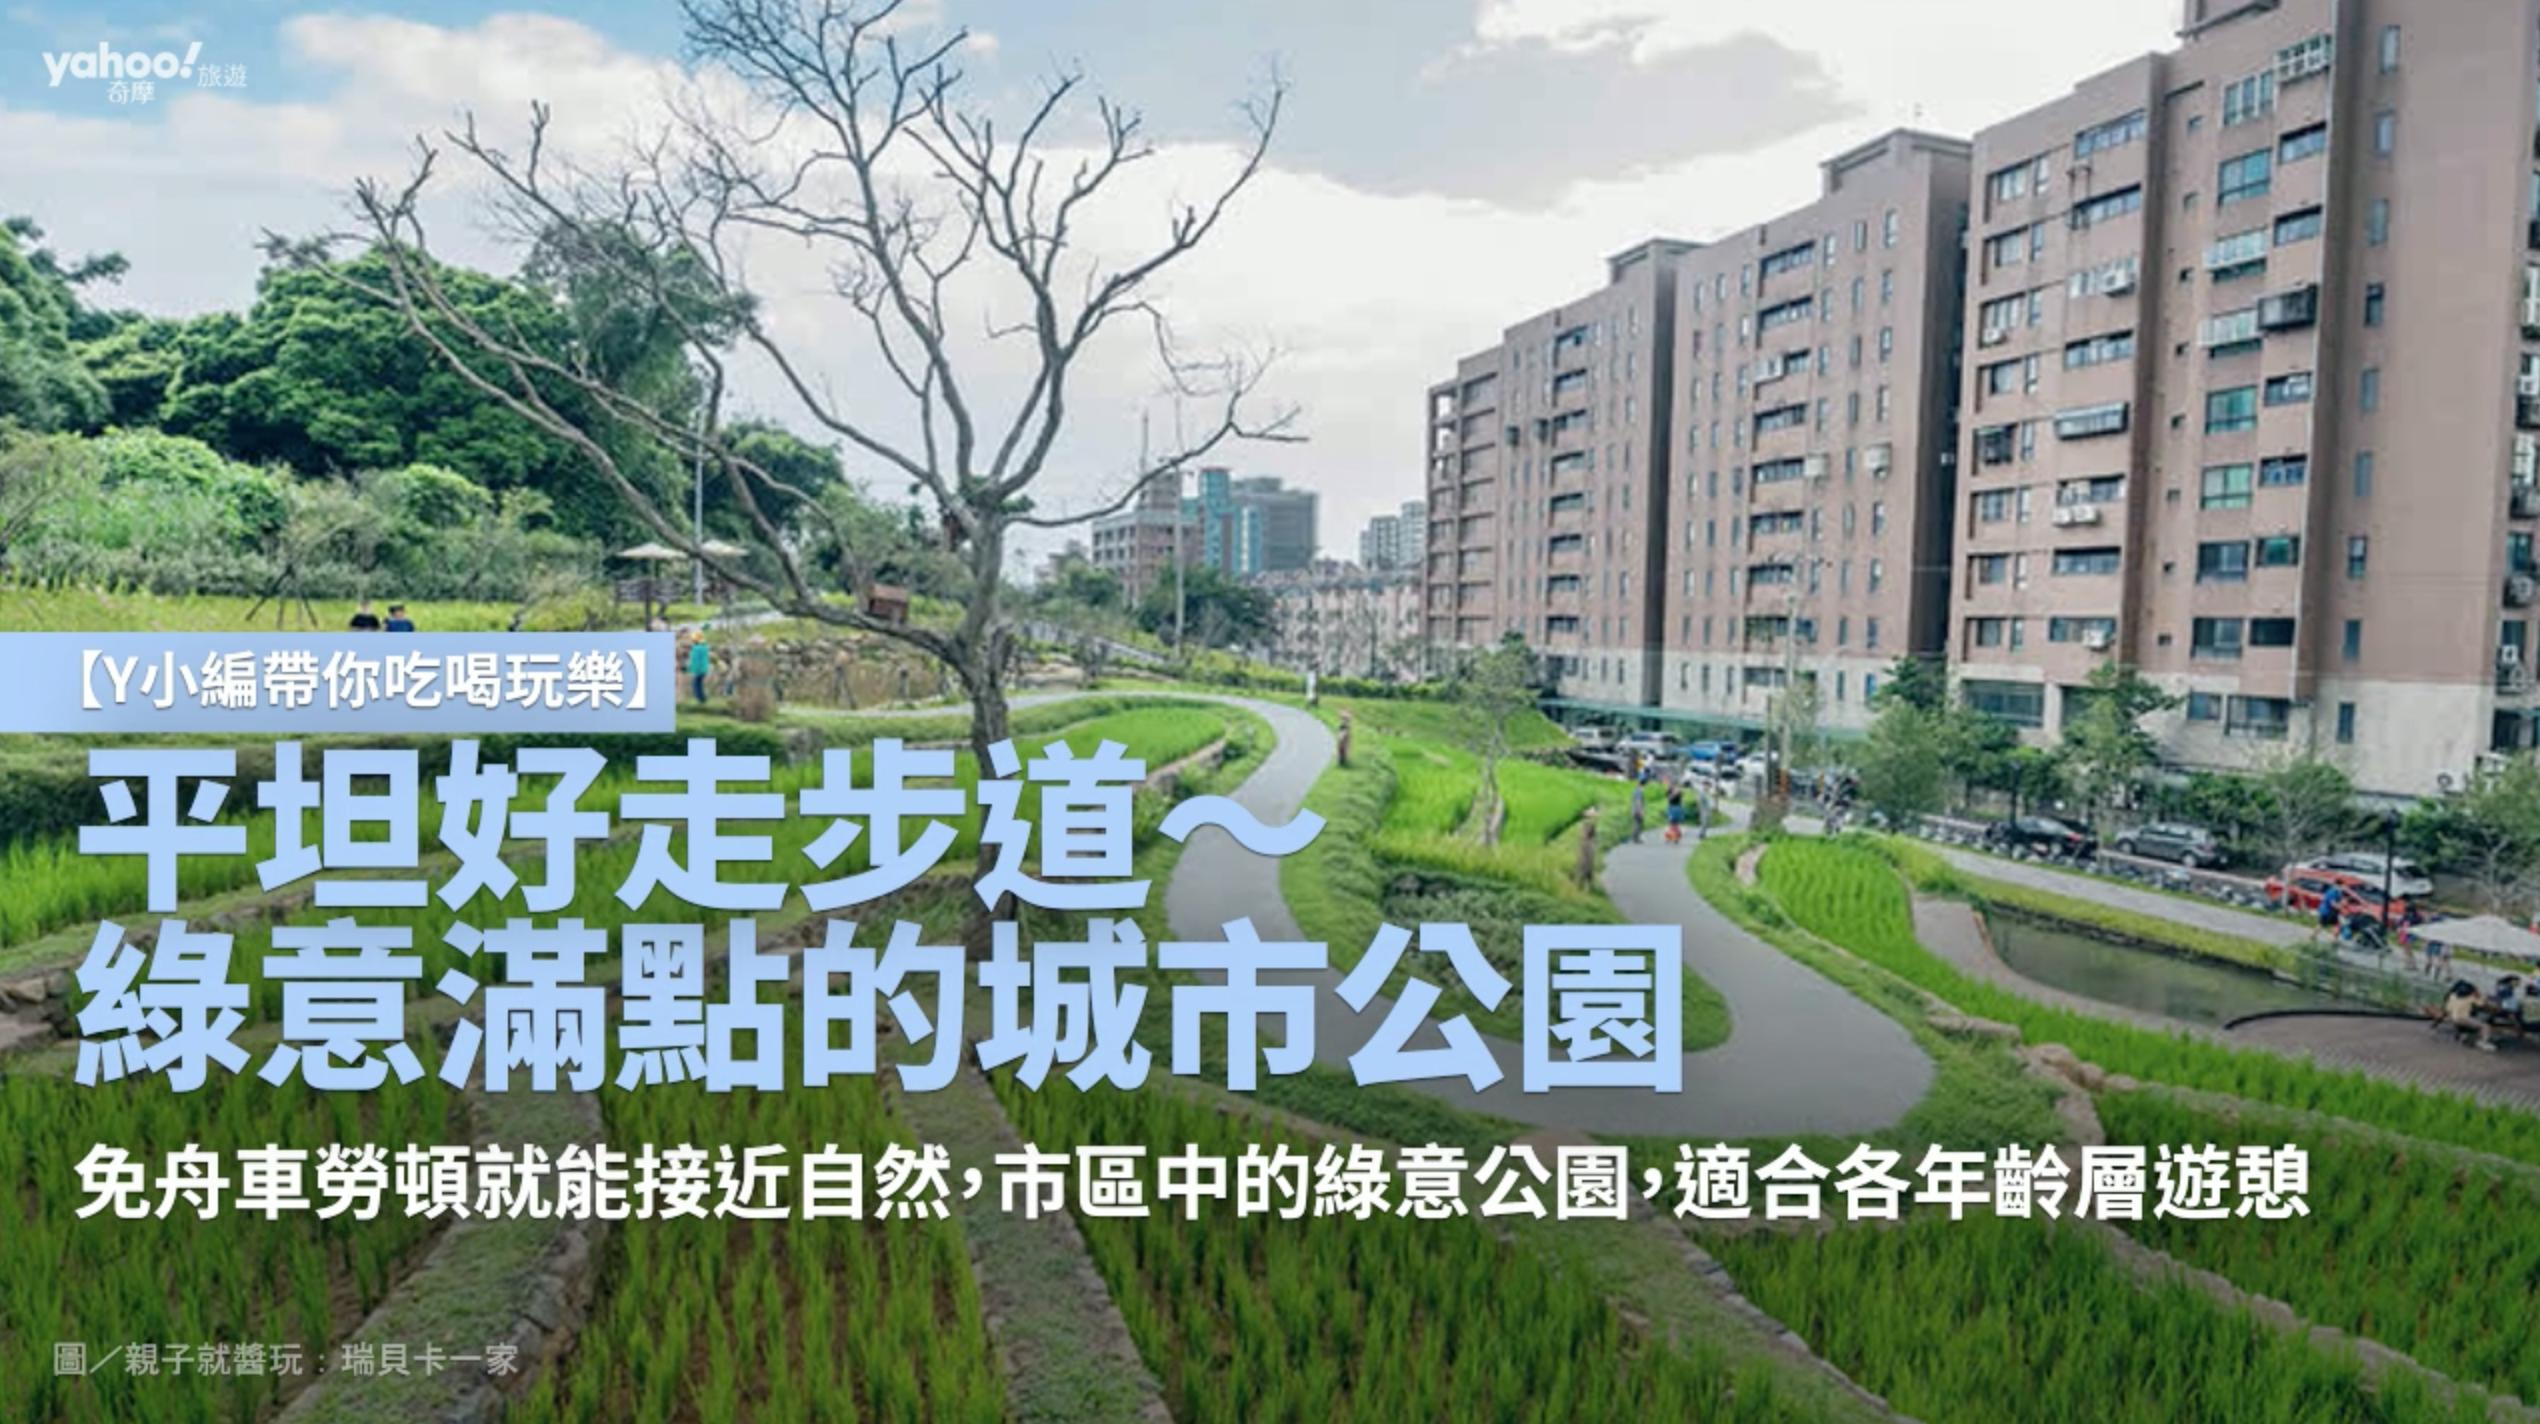 【Y小編帶你吃喝玩樂】平坦好走步道~綠意滿點的城市公園